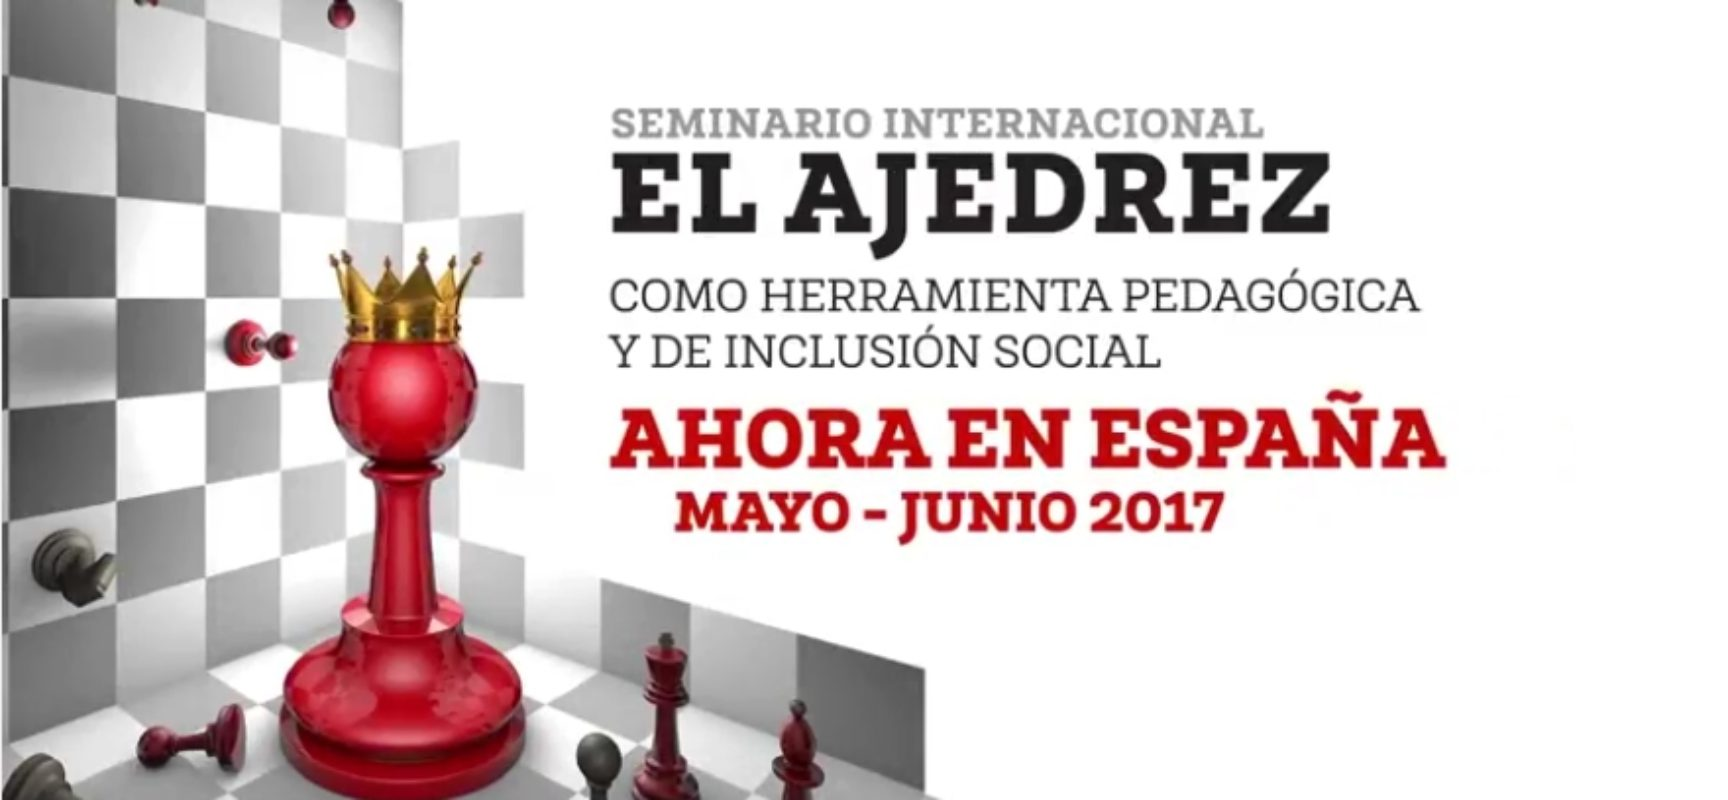 La Fundación Kasparov formará nuevos docentes de ajedrez en Sevilla y Málaga